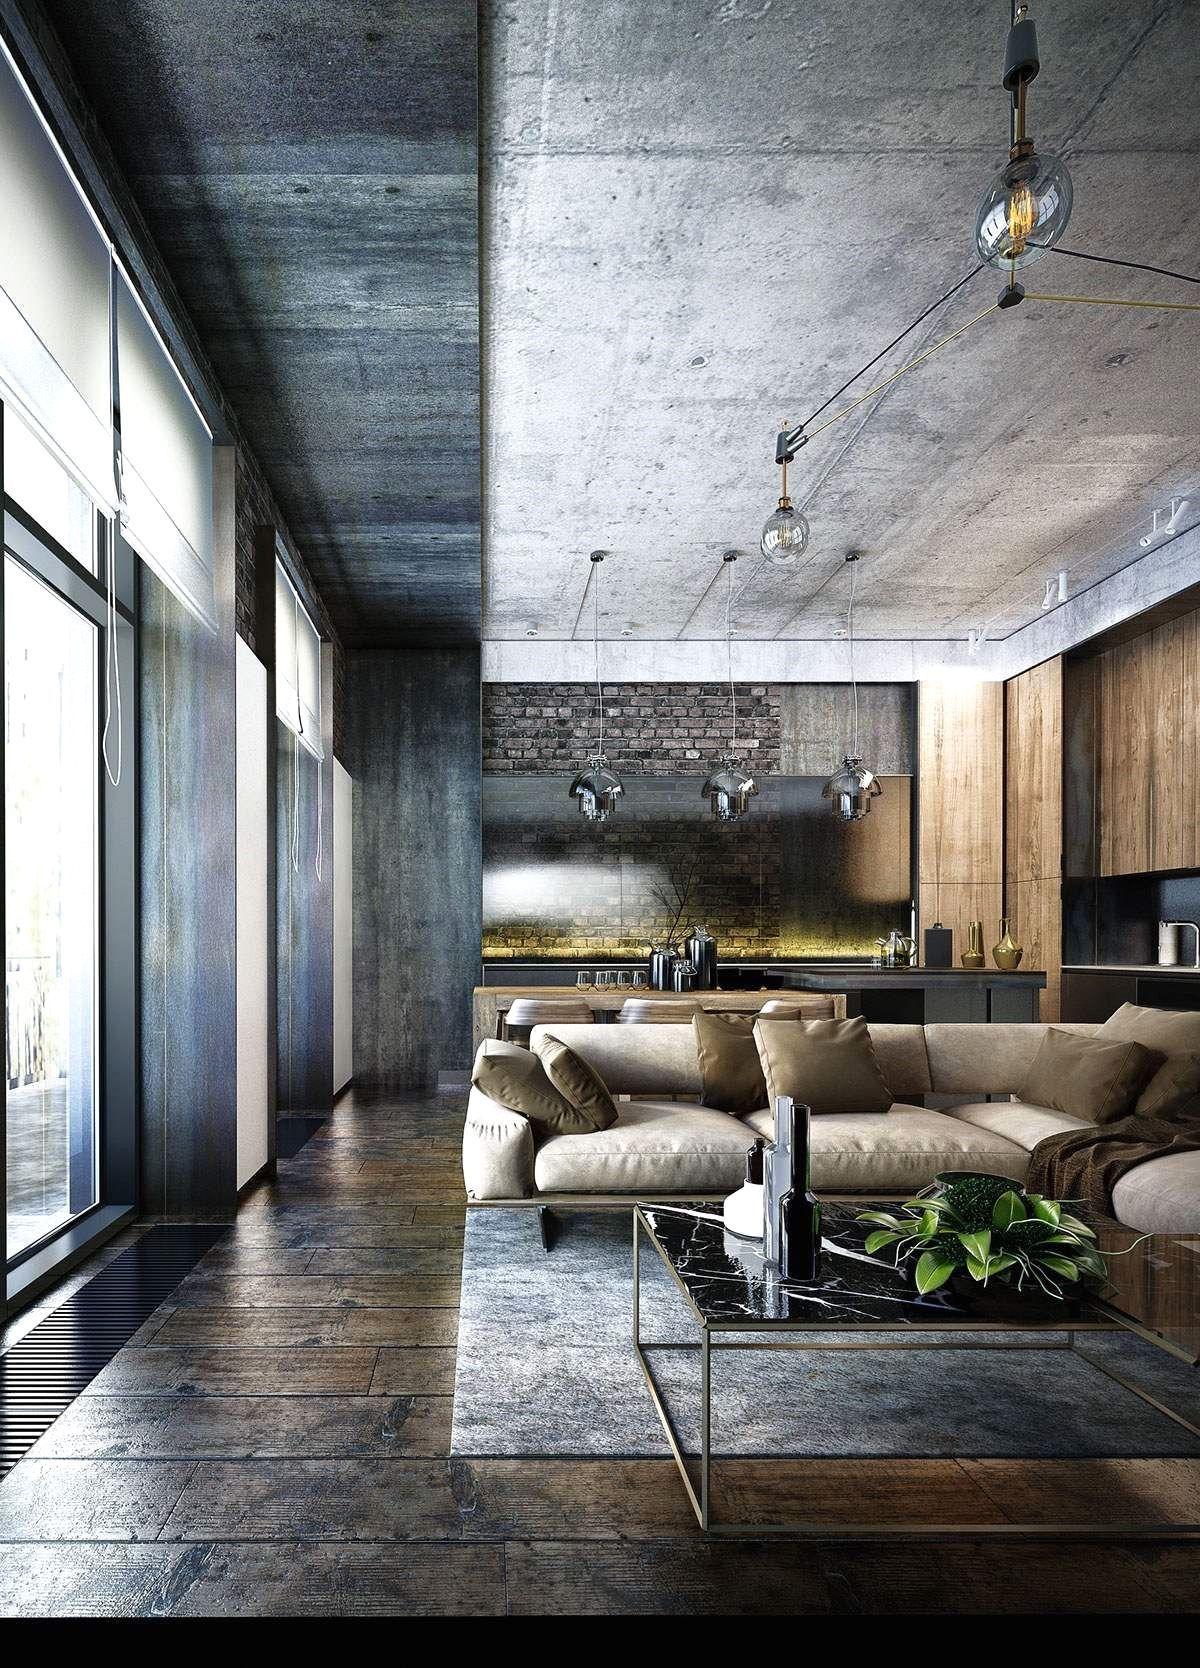 Modern designer interiors decor ideas www delightfull eu visit us for